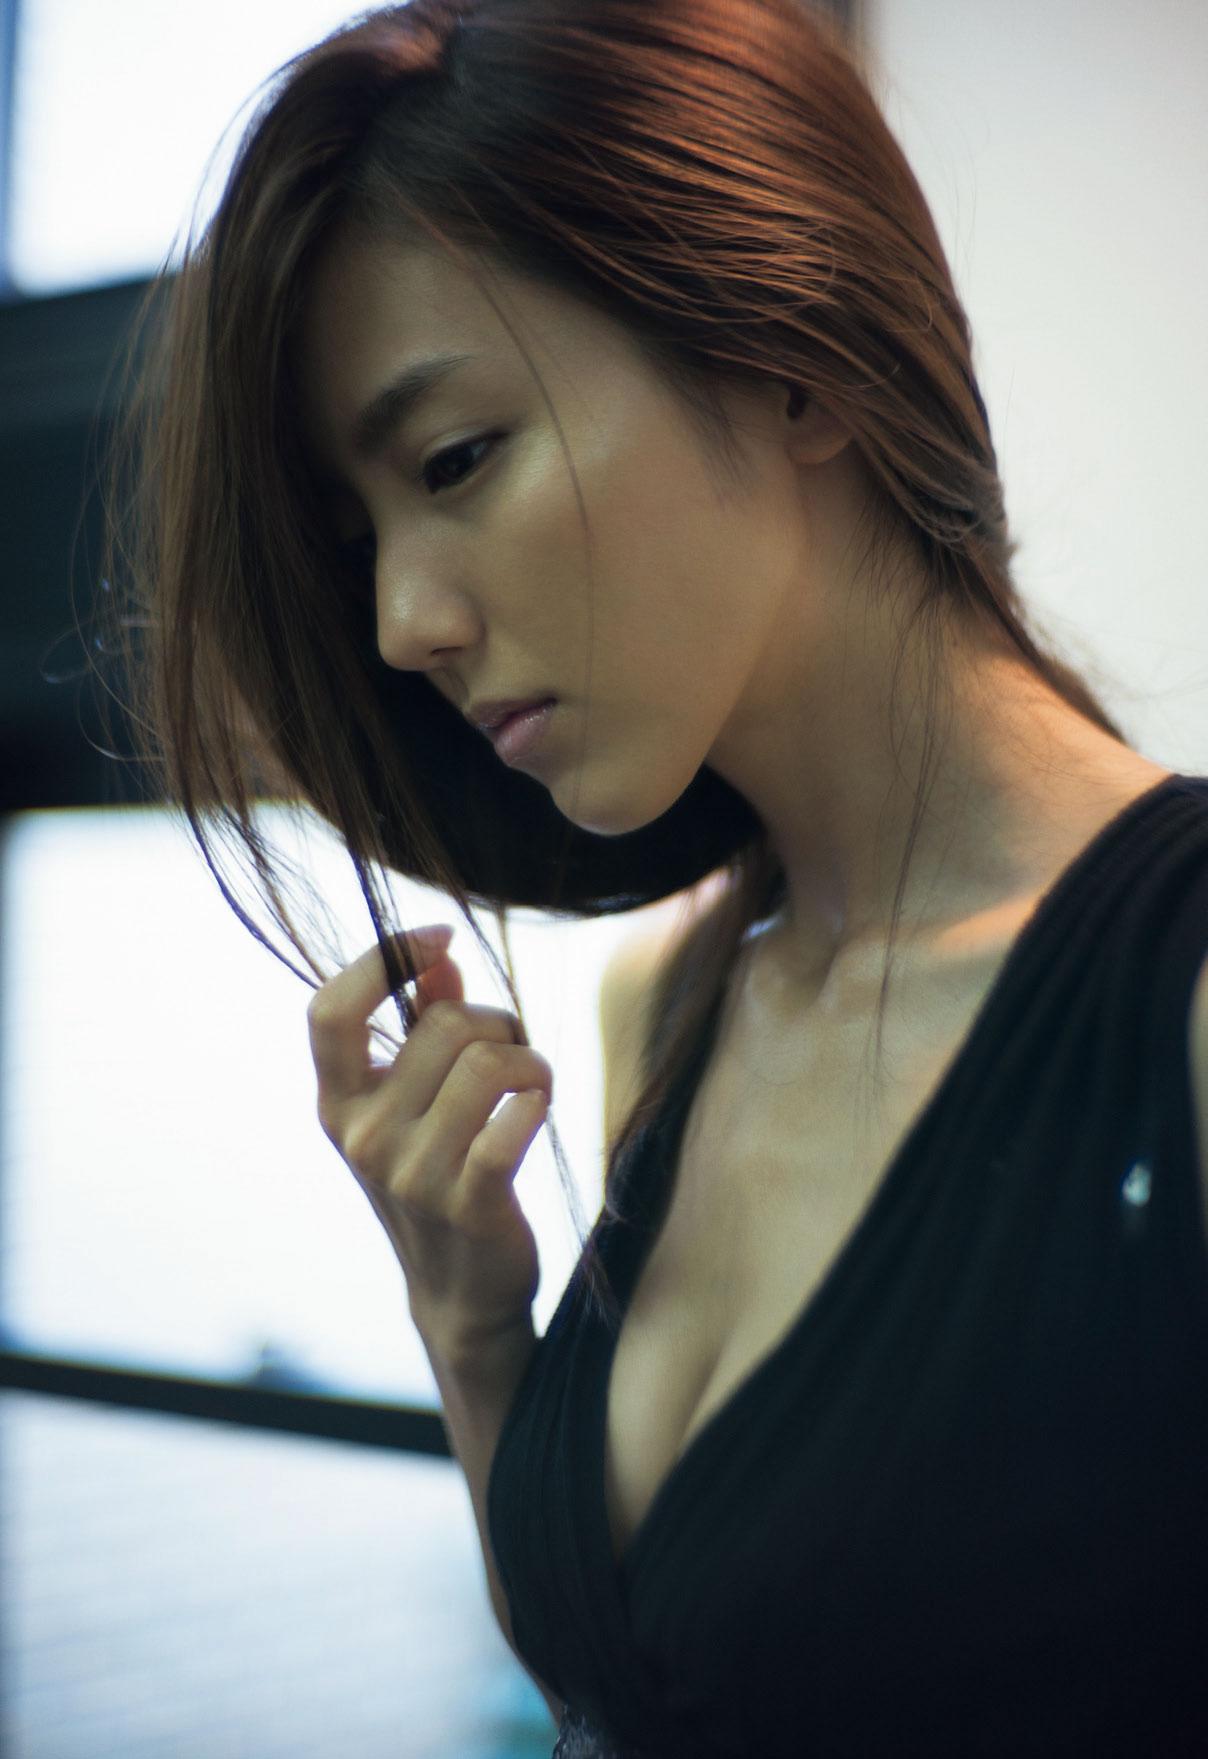 ヘアスタイルが素敵な真野恵里菜さん